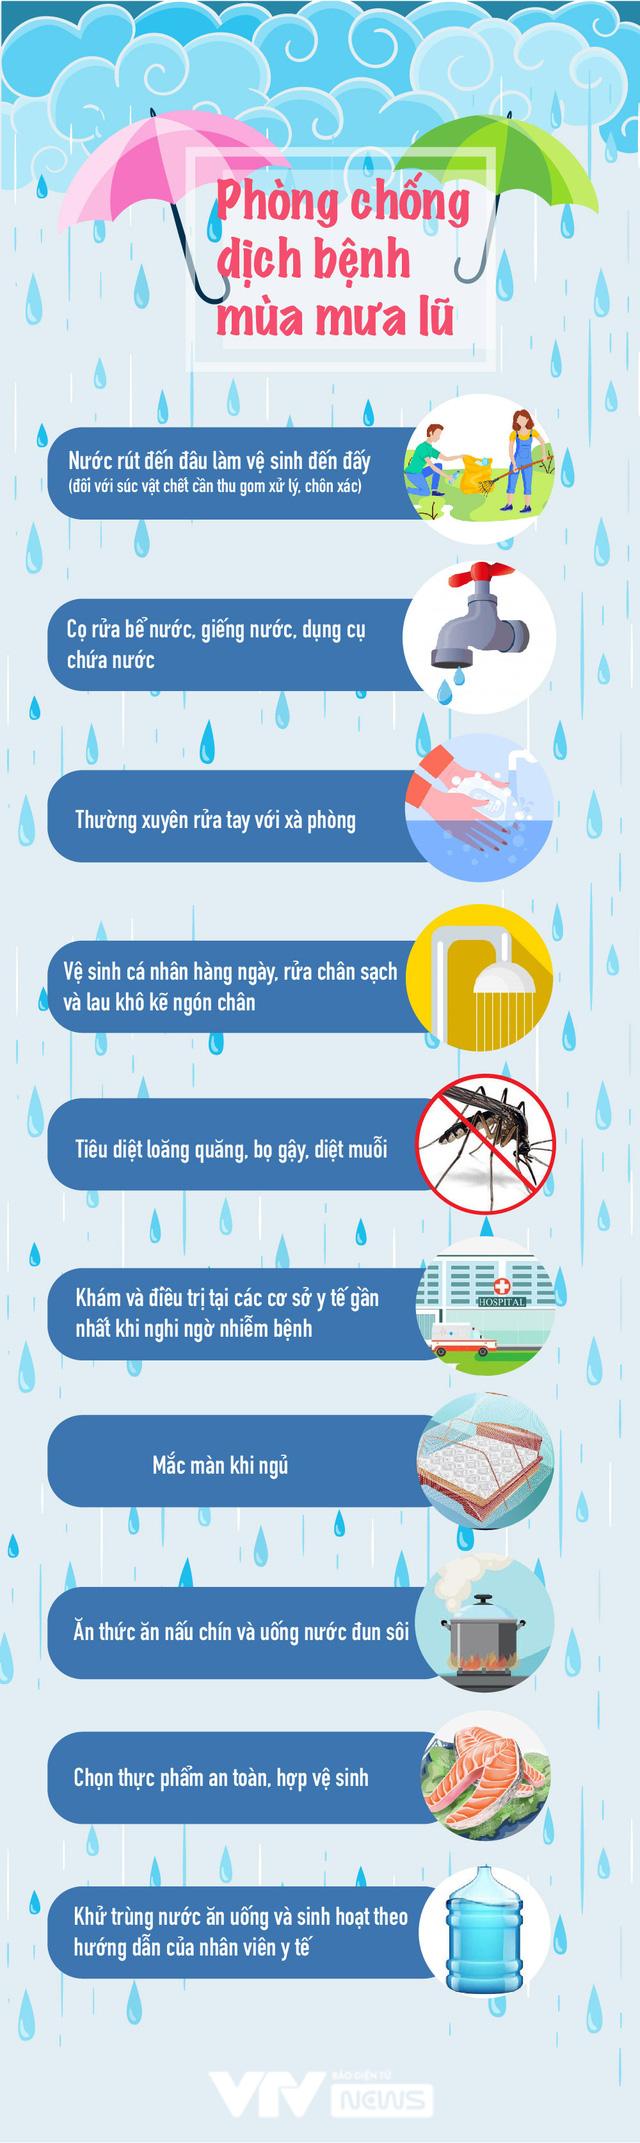 [Infographic] Thực hiện biện pháp phòng bệnh dịch mùa mưa lũ - Ảnh 1.